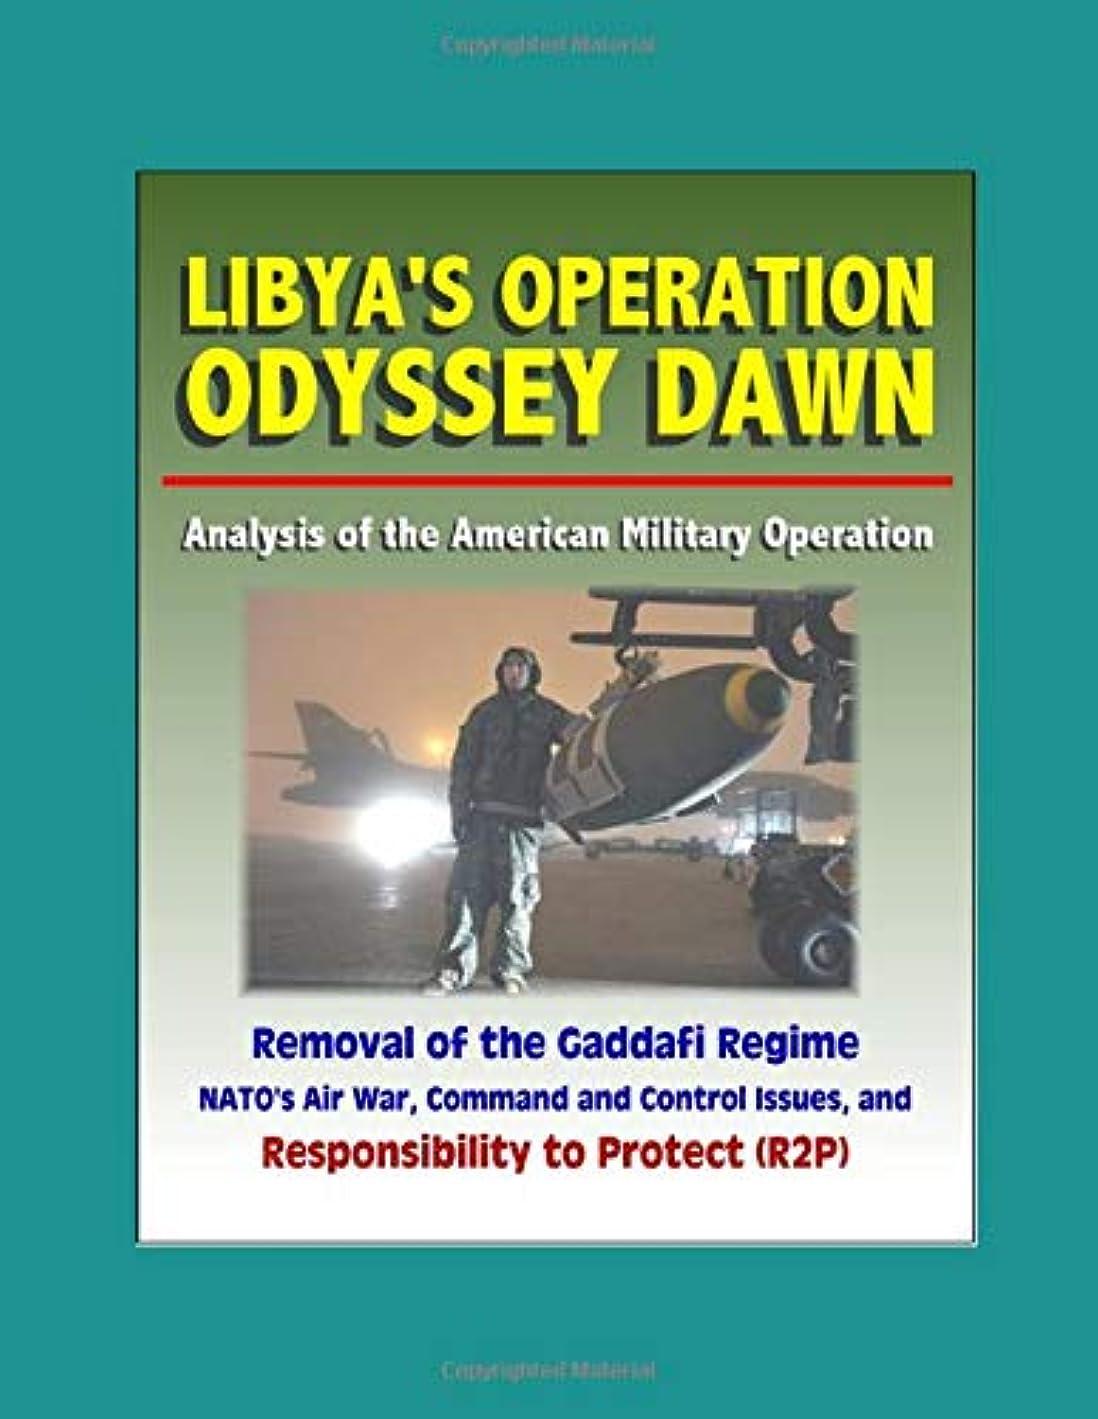 削除する上院爬虫類Libya's Operation Odyssey Dawn: Analysis of the American Military Operation, Removal of the Gaddafi Regime, NATO's Air War, Command and Control Issues, and Responsibility to Protect (R2P)